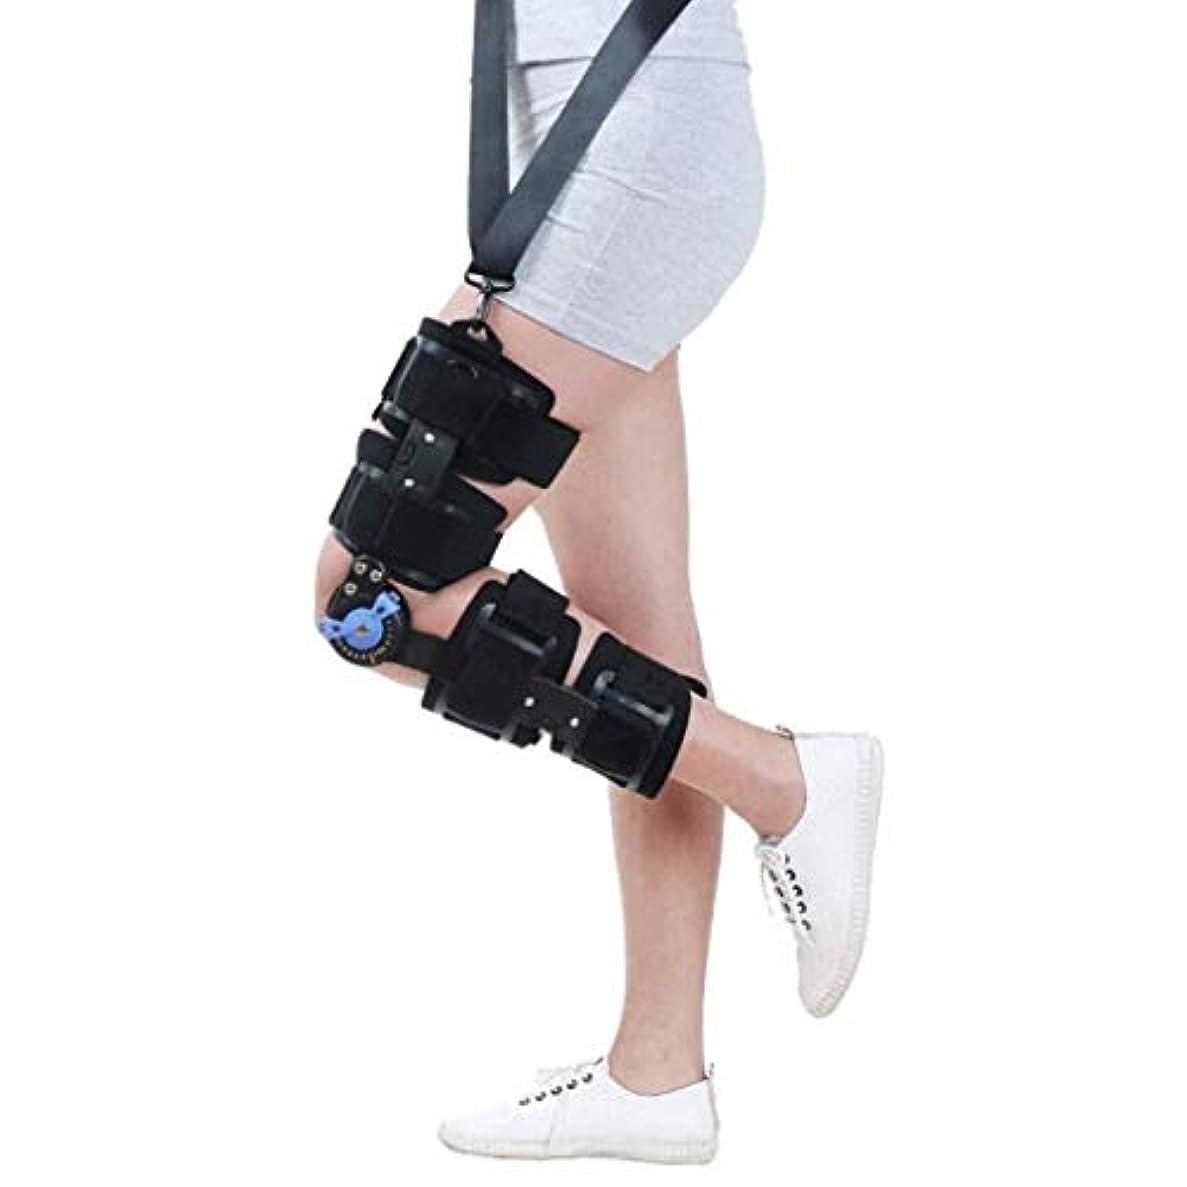 エンコミウム振り向くごめんなさいヒンジ付き膝装具-怪我、治療、サポート、痛みの軽減のための調節可能な靭帯サポート (Color : As Picture, Size : Left)